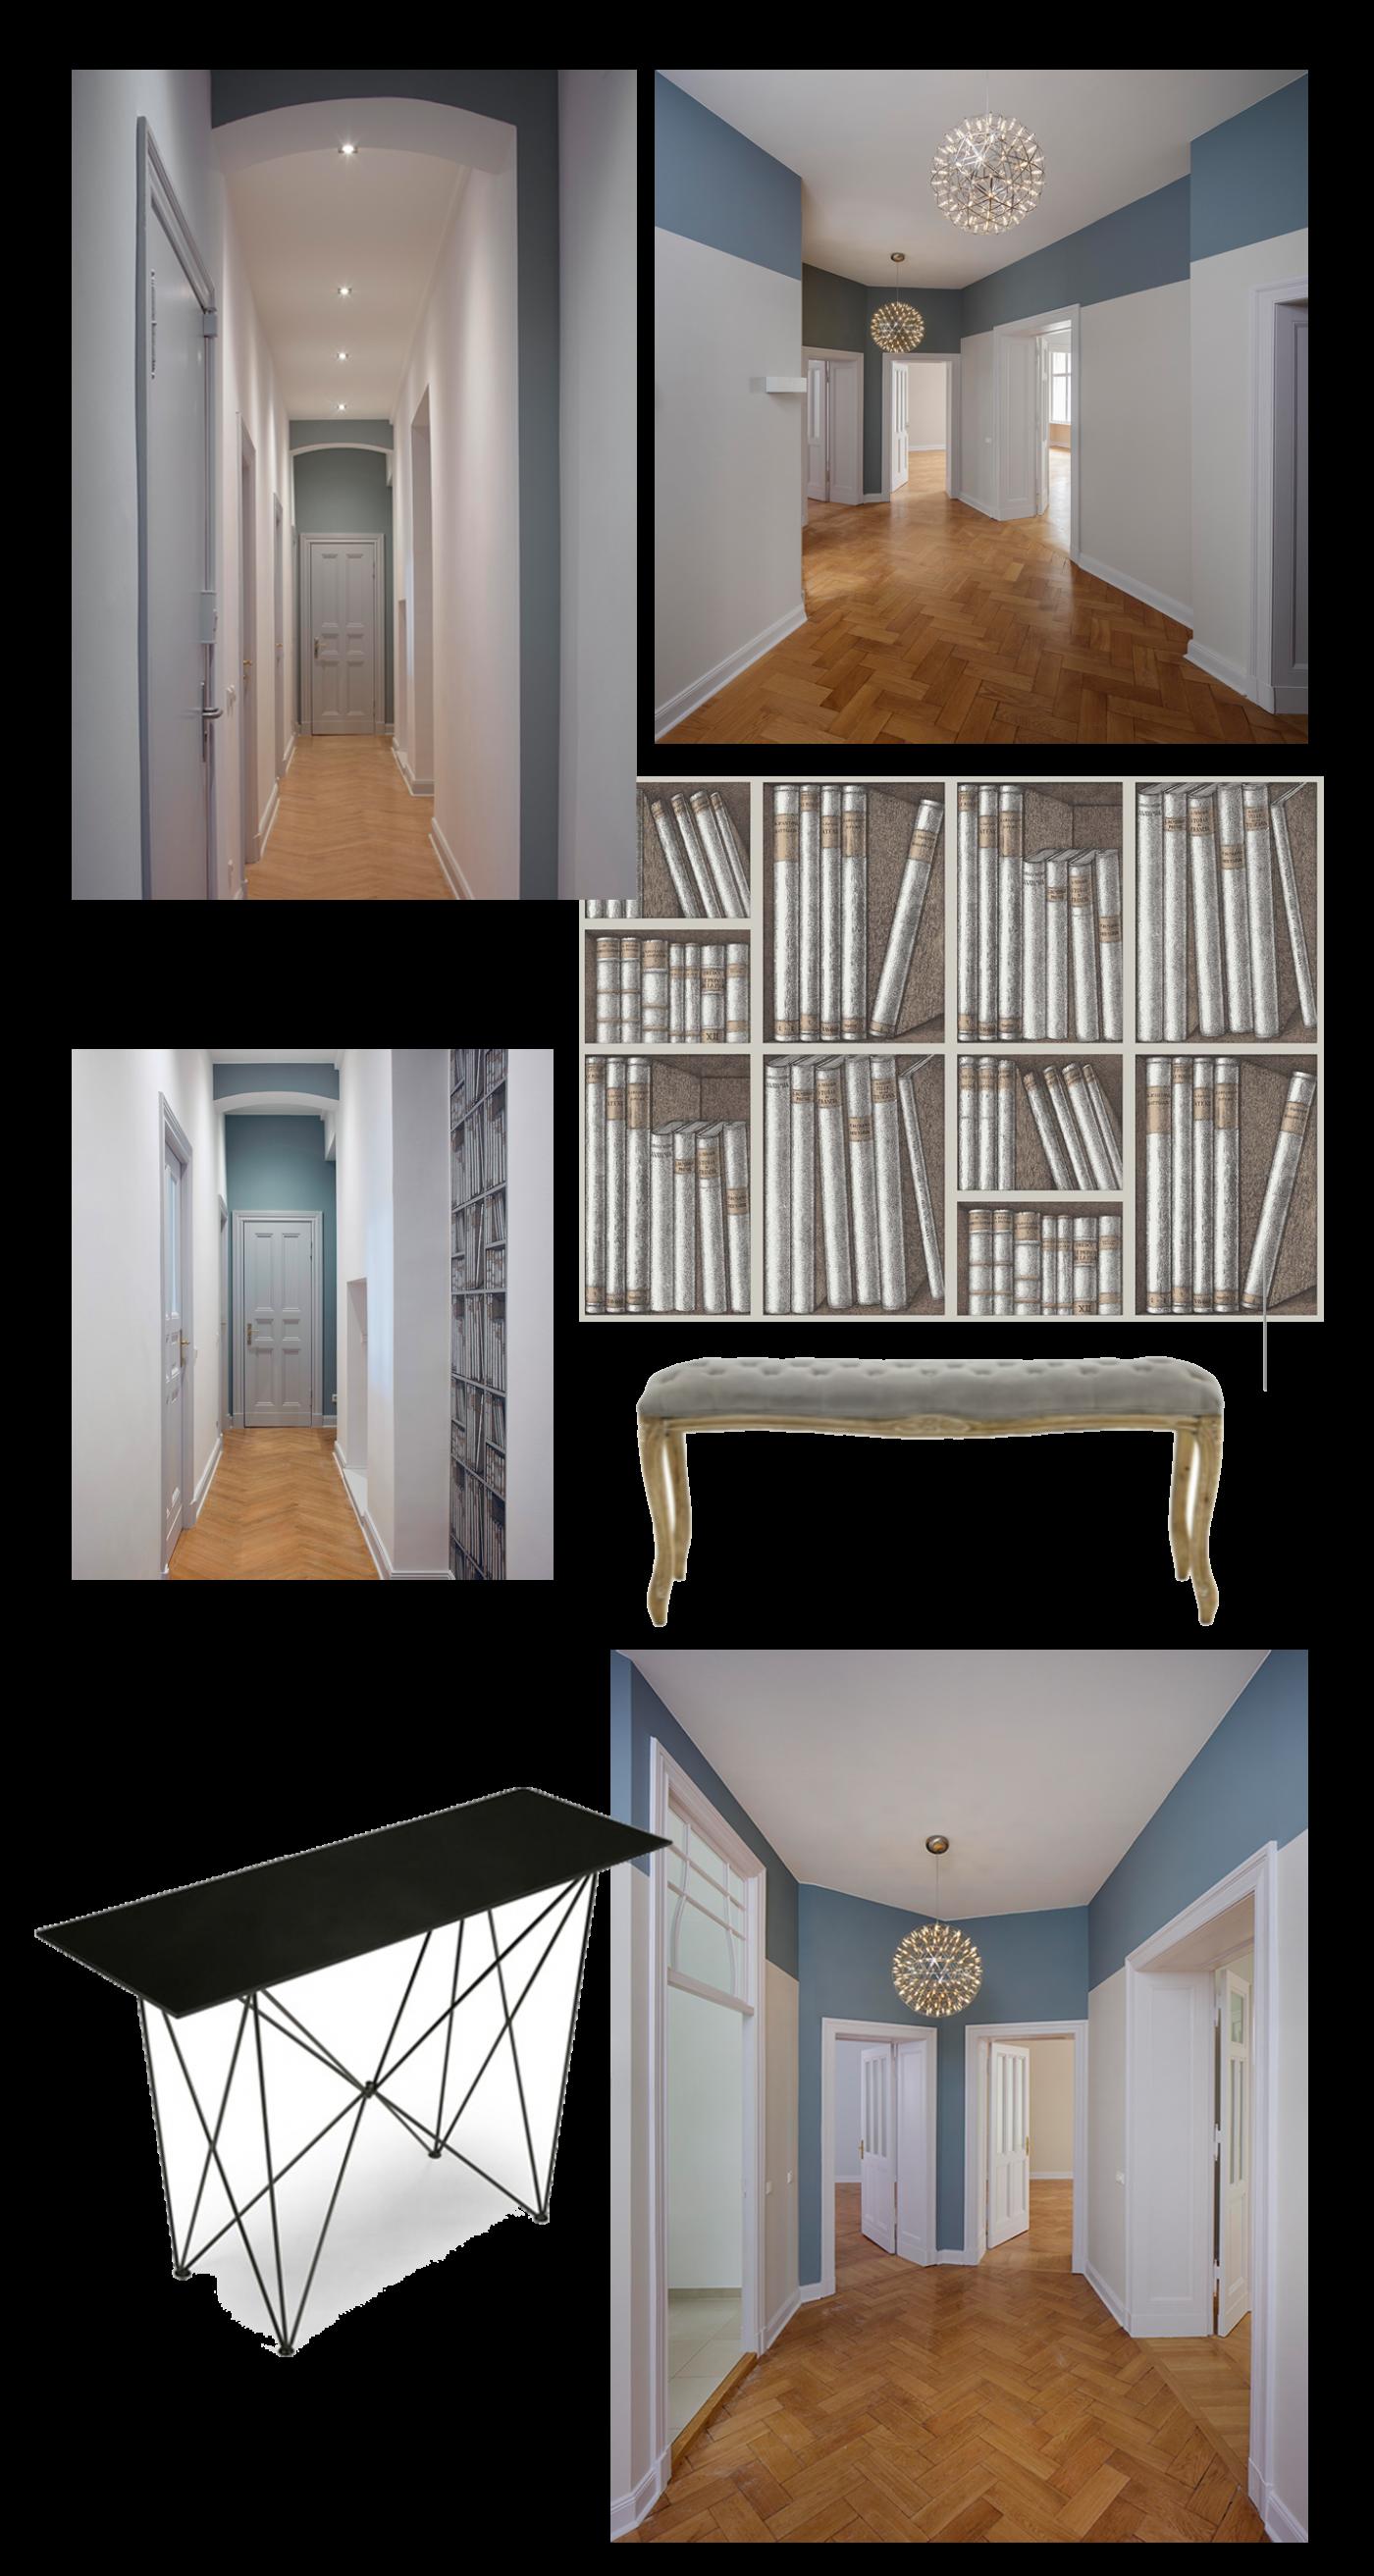 Galerie-Flur_Bayrisches_Viertel-by-harry-clark